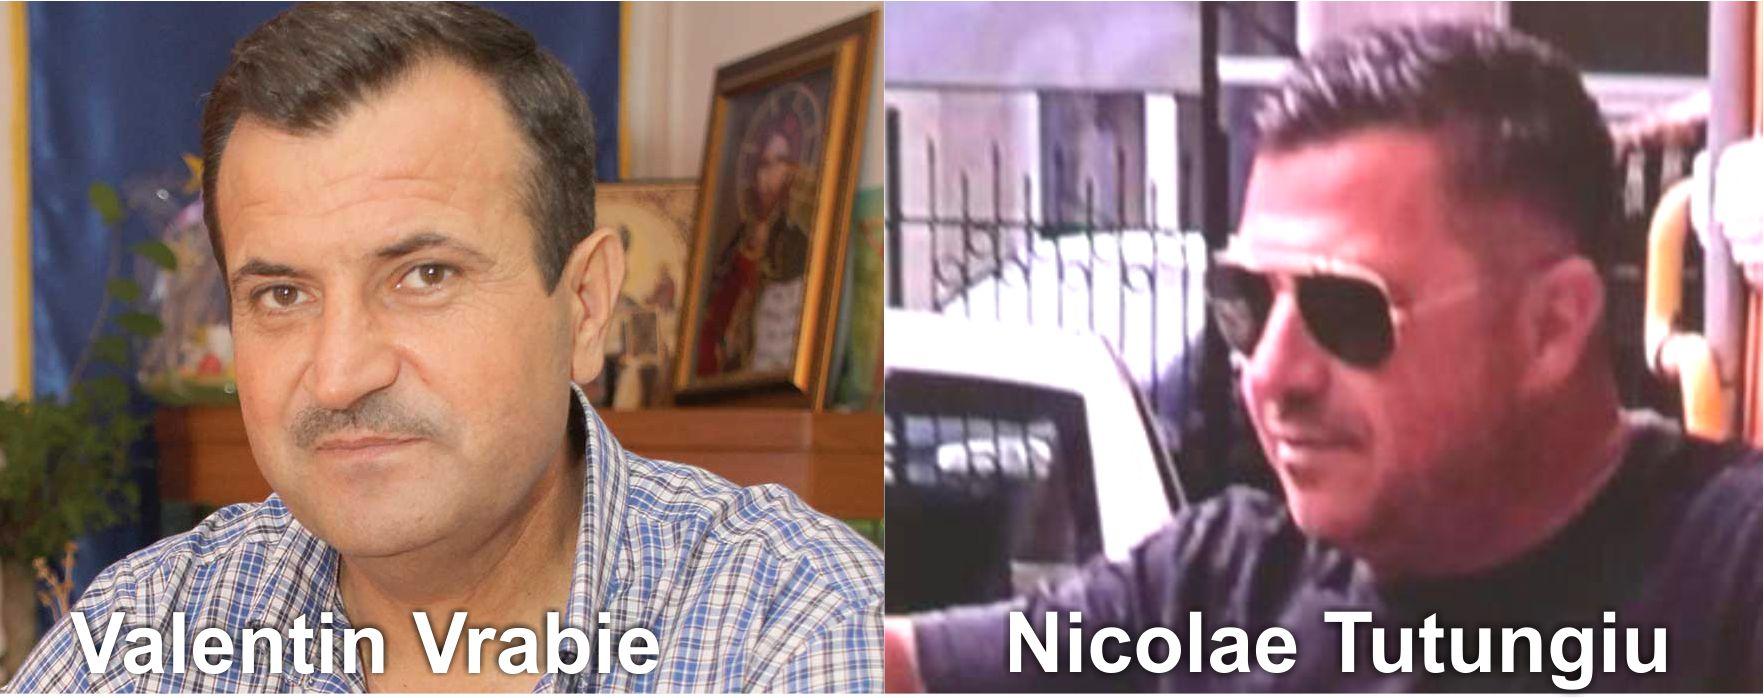 Triumf cu ipocrizie La alegerile din 2016, Valentin Vrabie a candidat independent la localele din Medgidia şi a câştigat cu […]